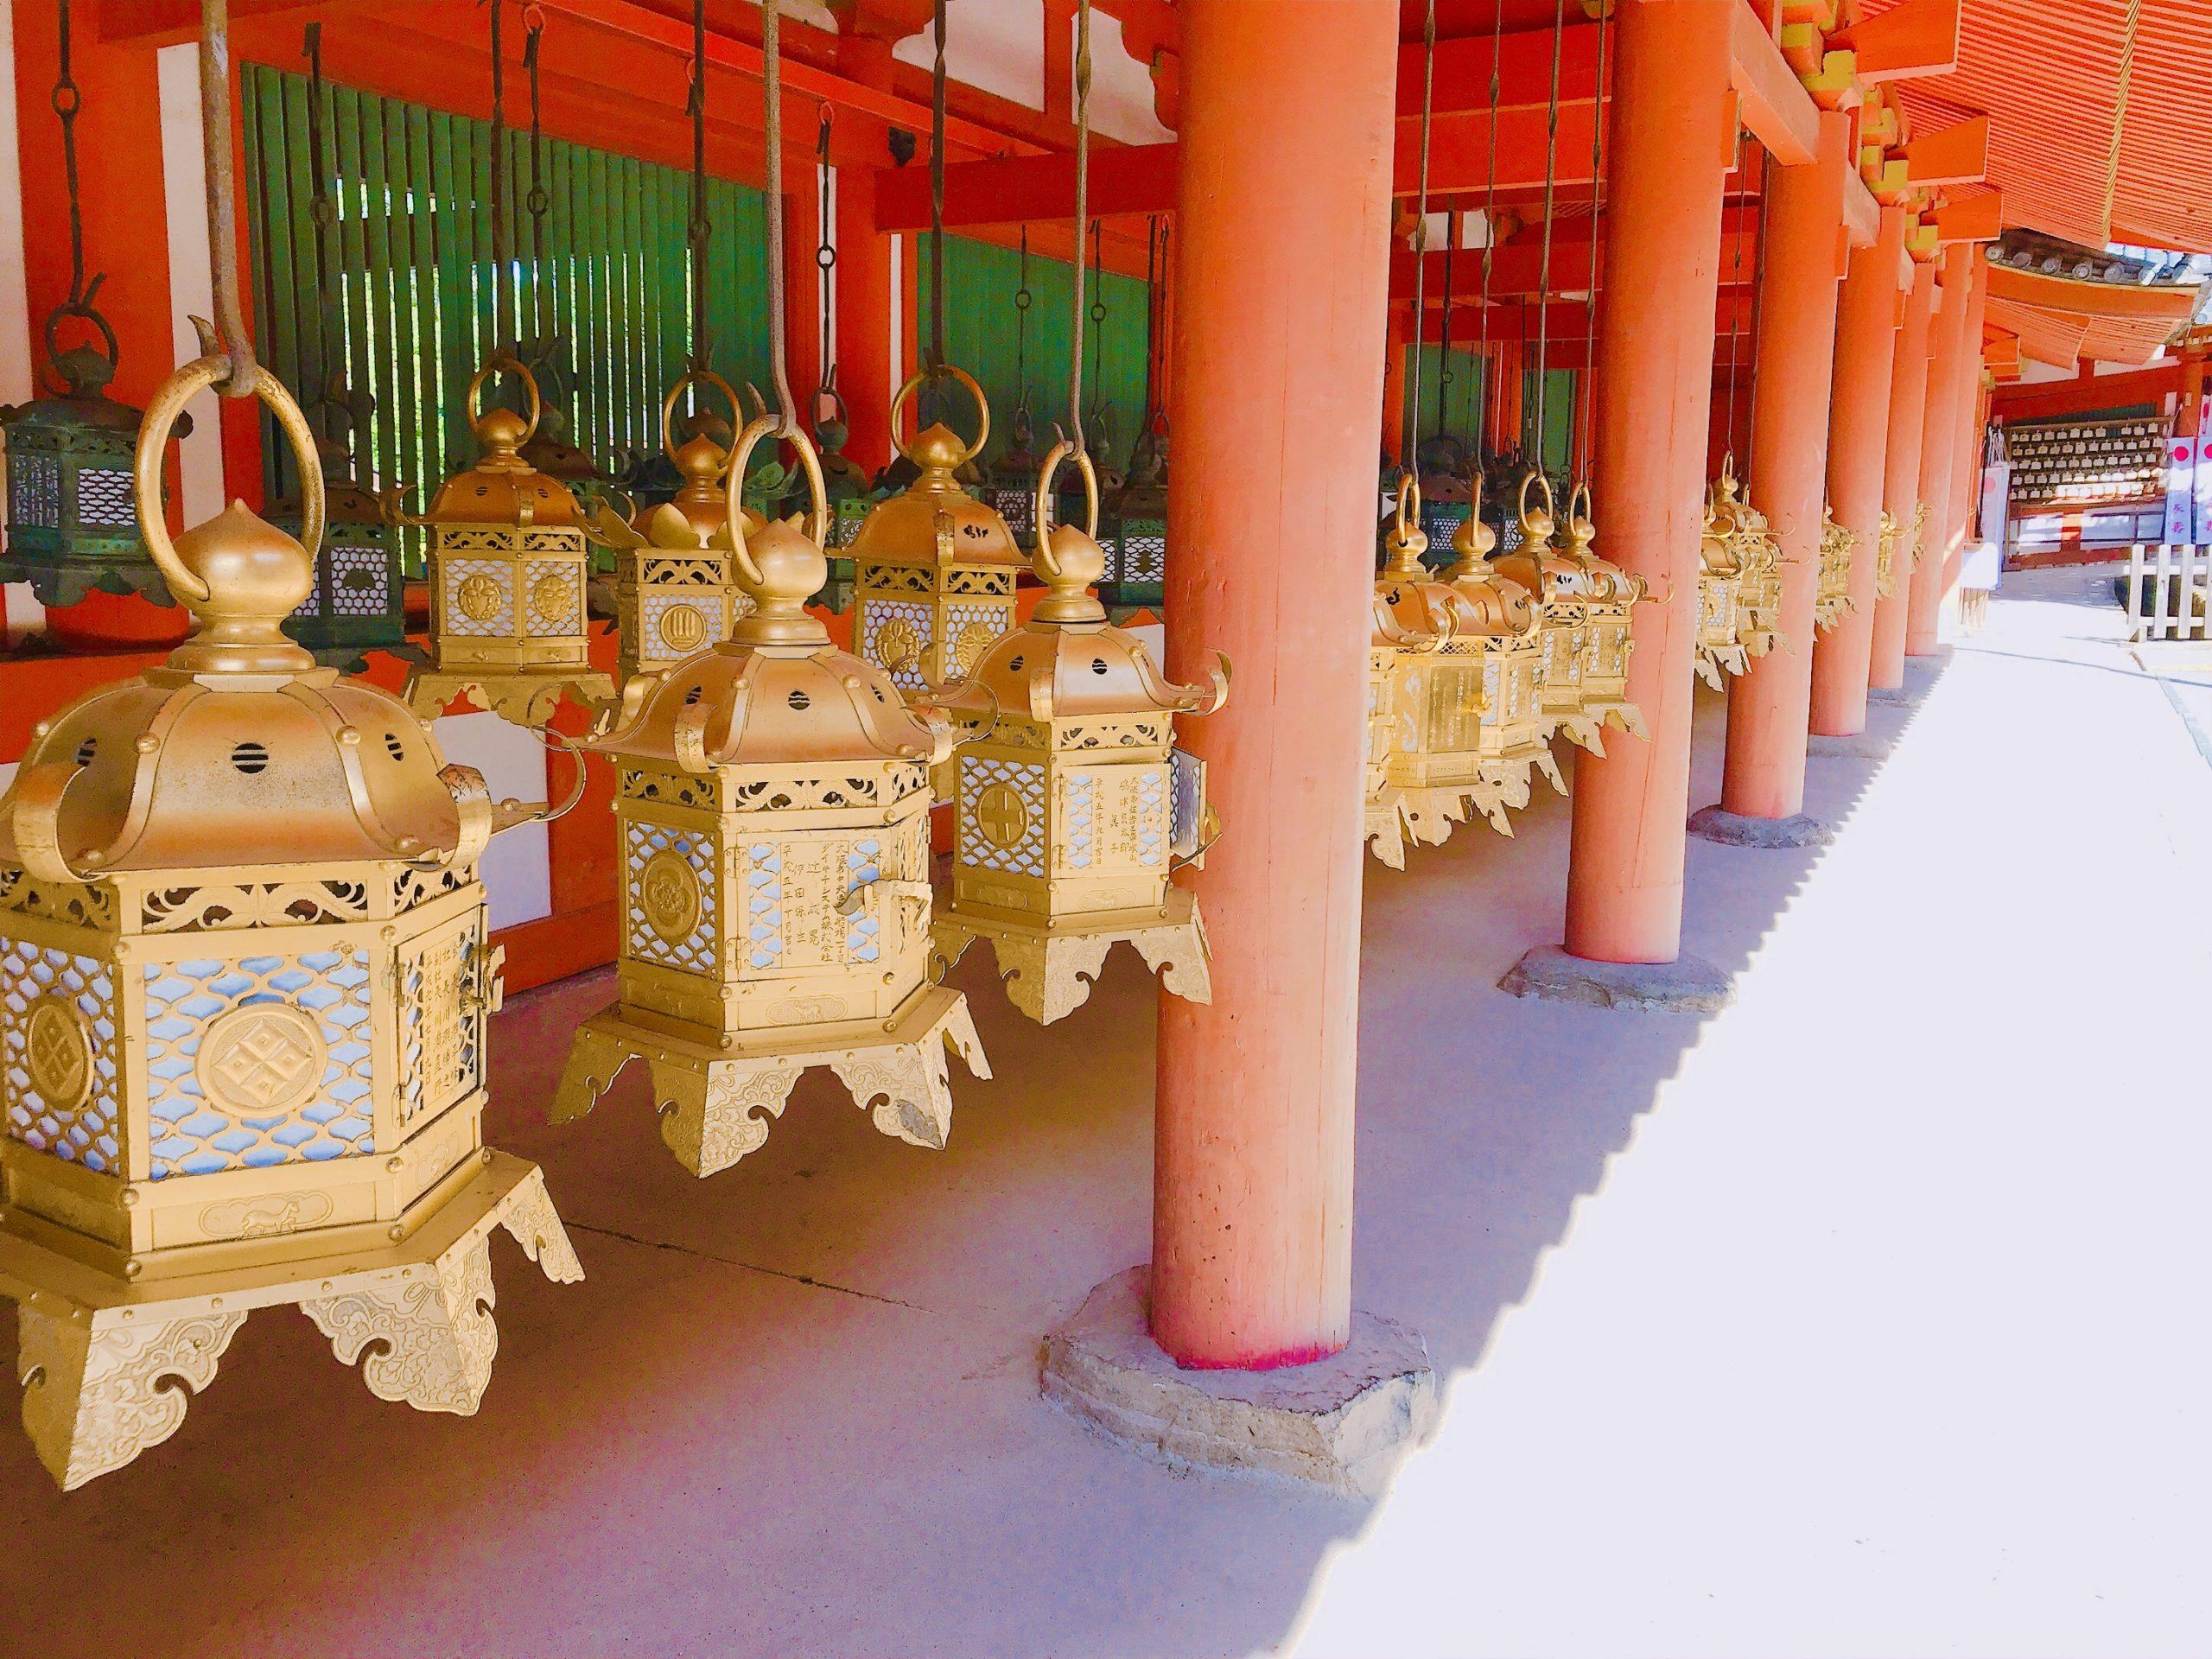 春日大社は奈良のパワースポット!3000基もの灯篭があるお宮